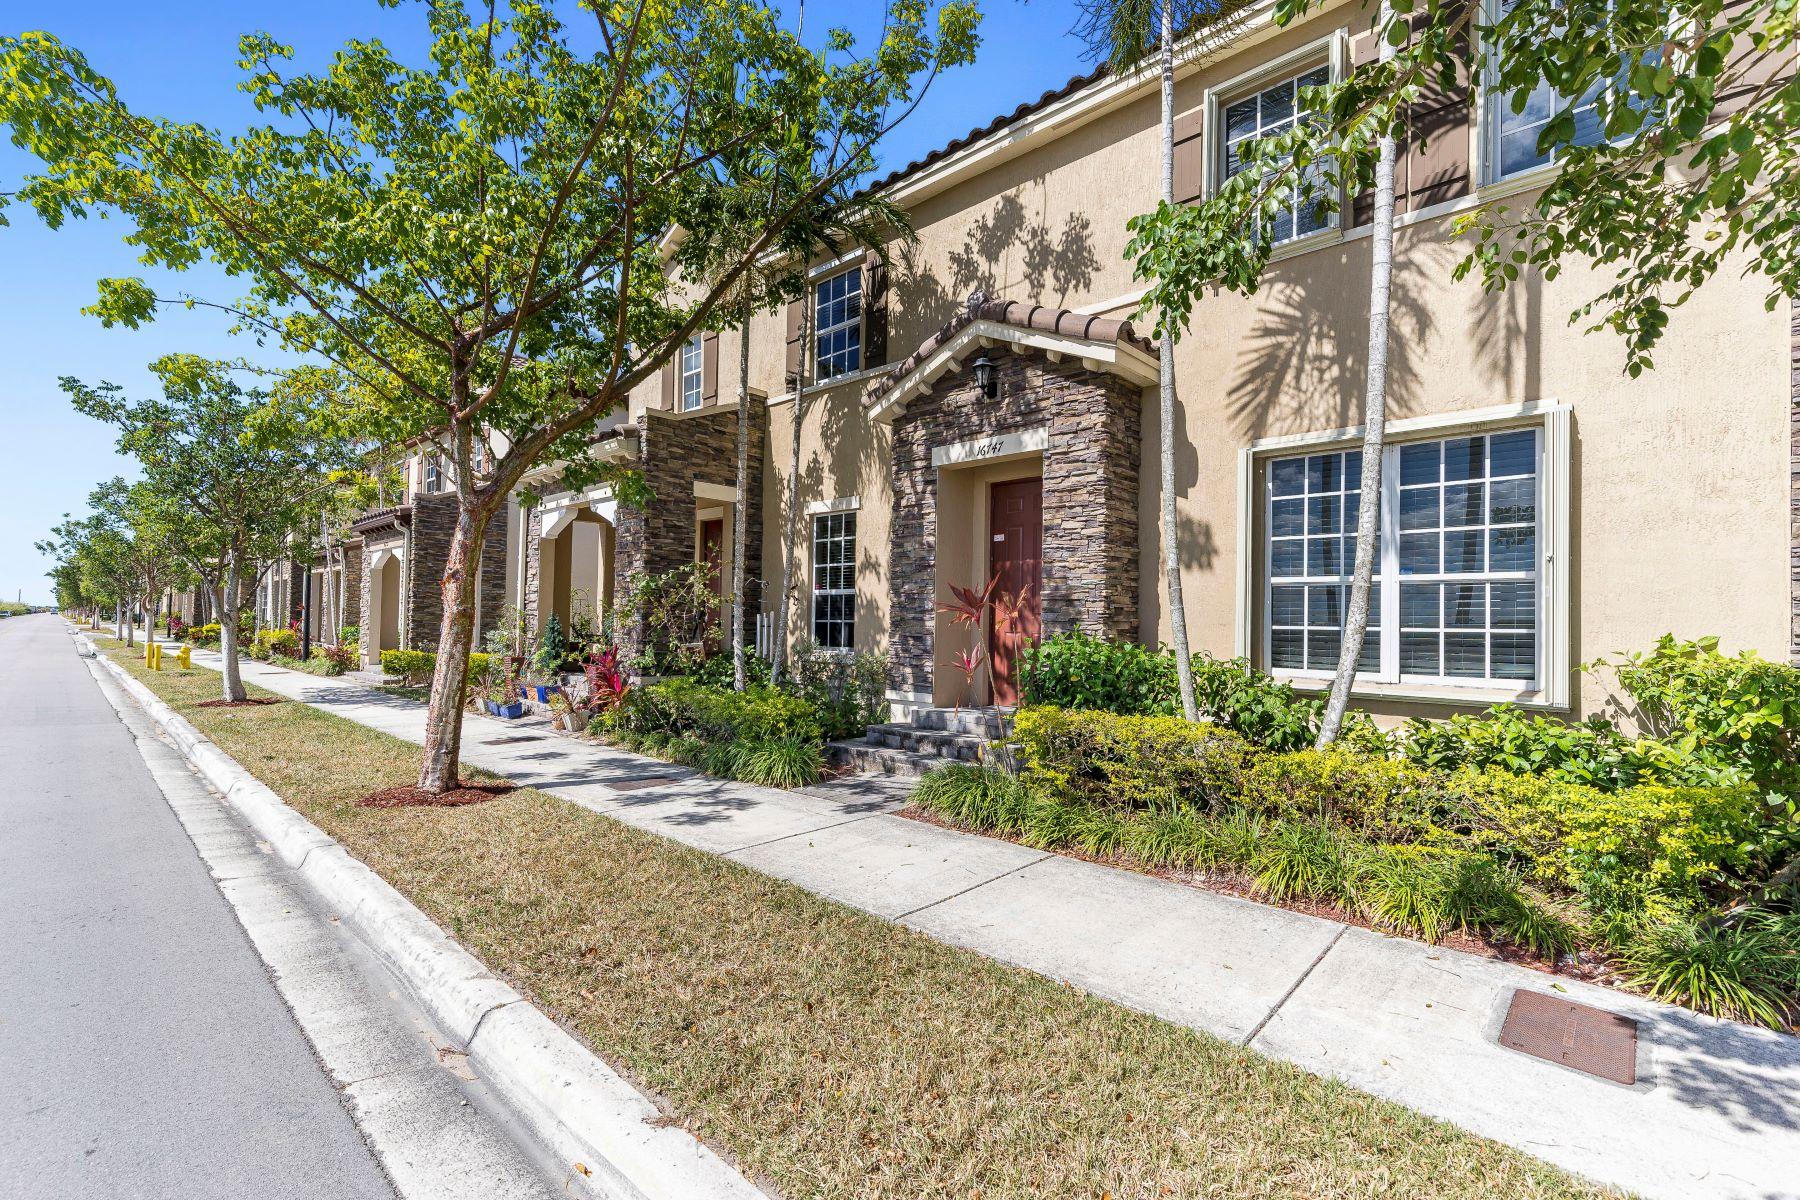 独户住宅 为 销售 在 16747 Sw 96th St 16747 Sw 96th St 16747, 迈阿密, 佛罗里达州, 33196 美国